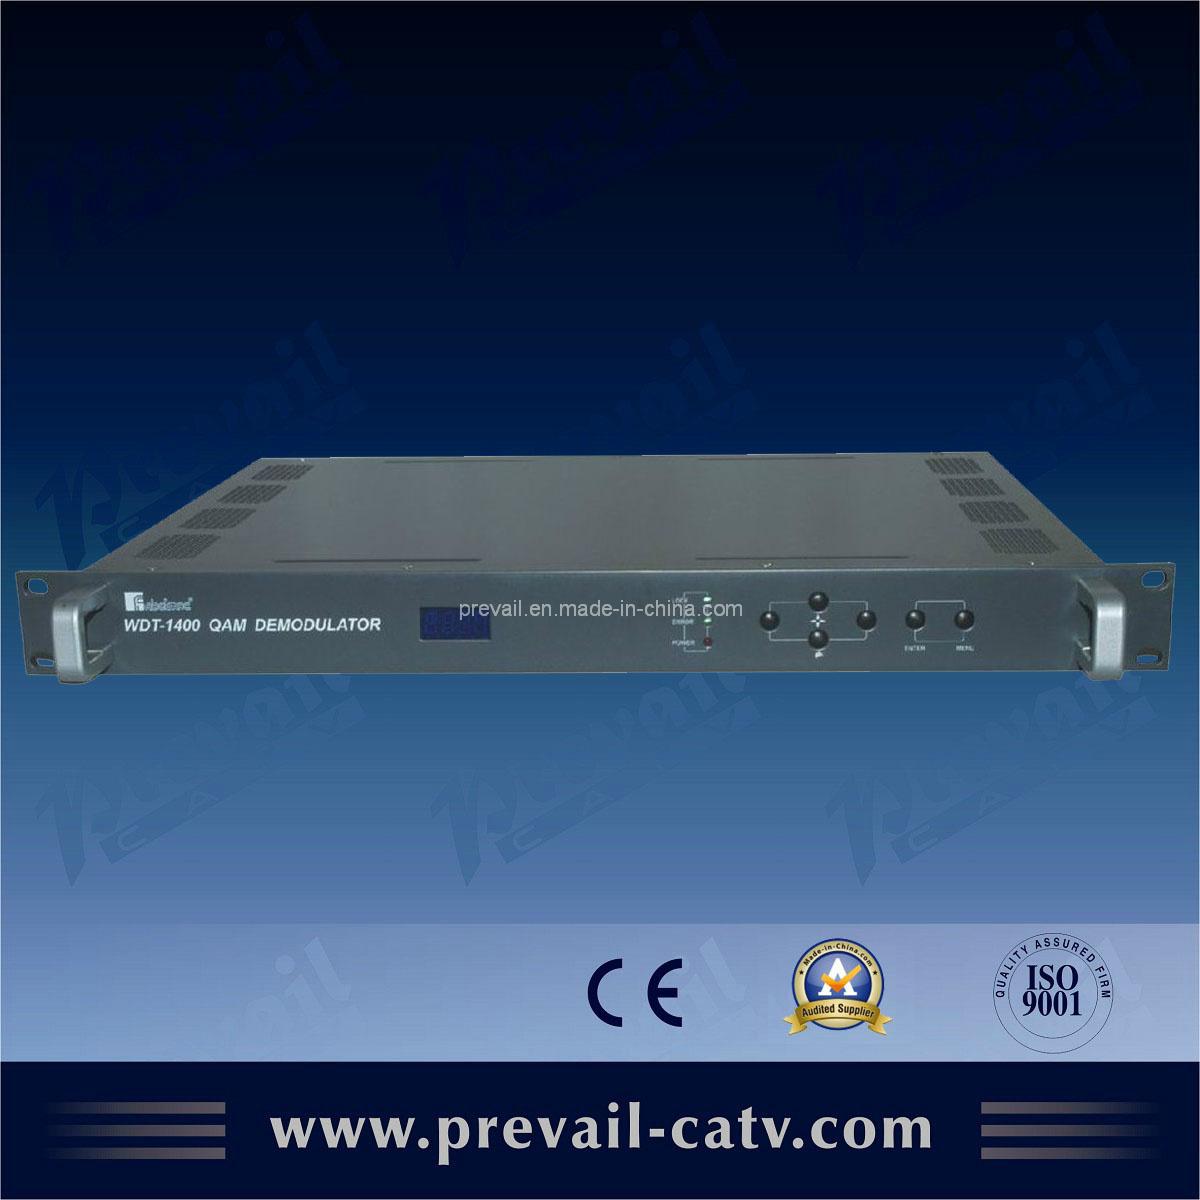 Digital Head-End DVB-C Qam Demodulator (WDT-1400)